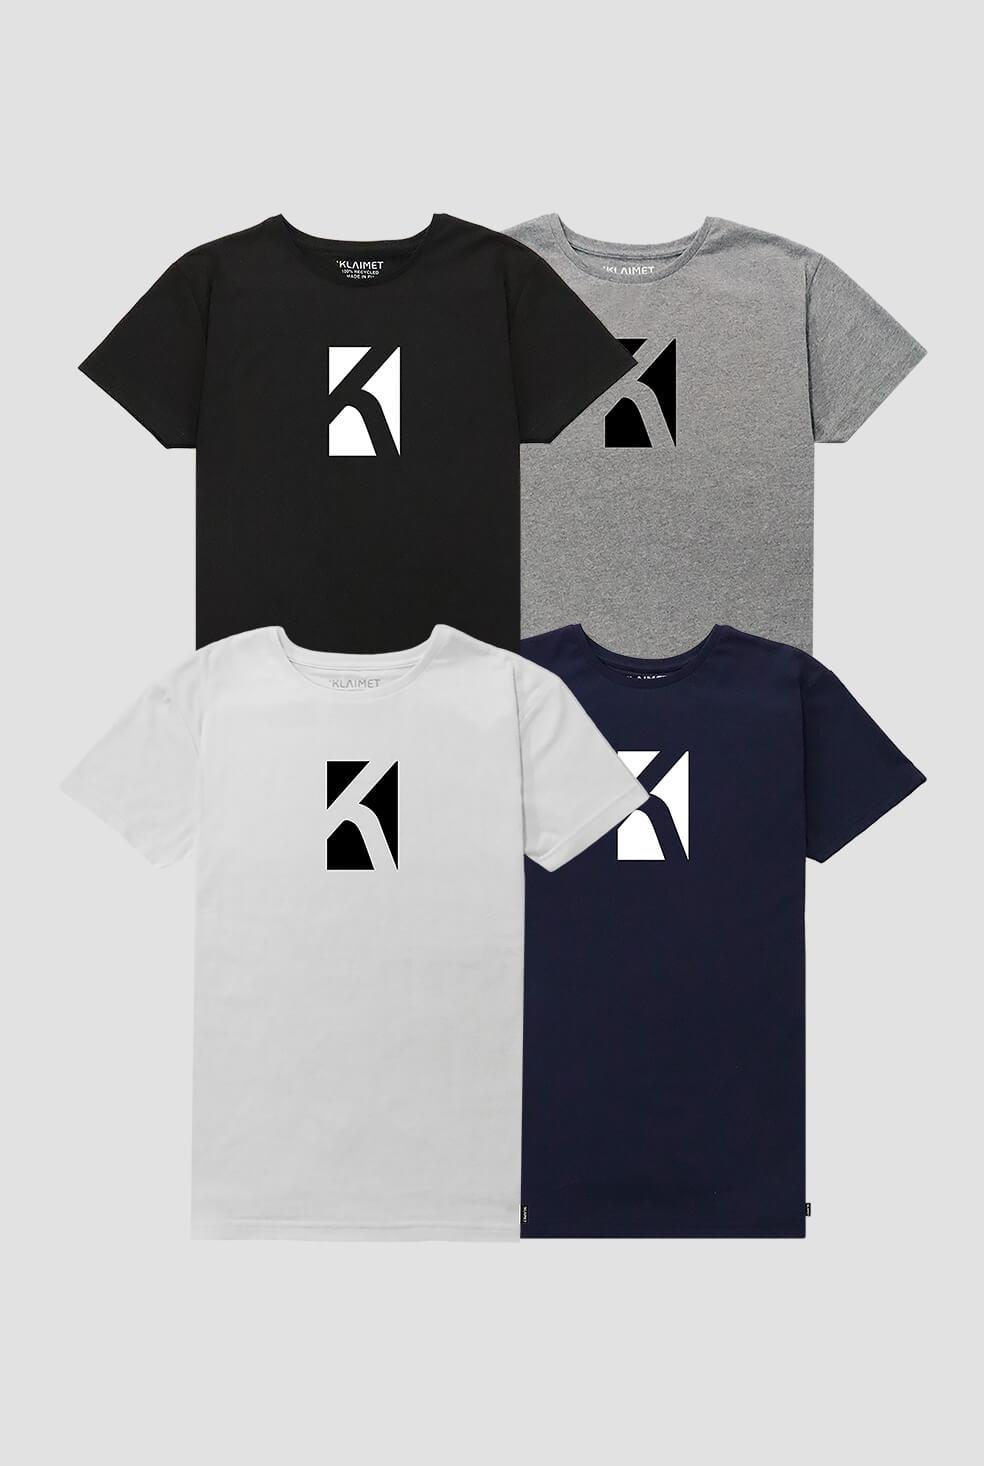 'arktik t-shirt